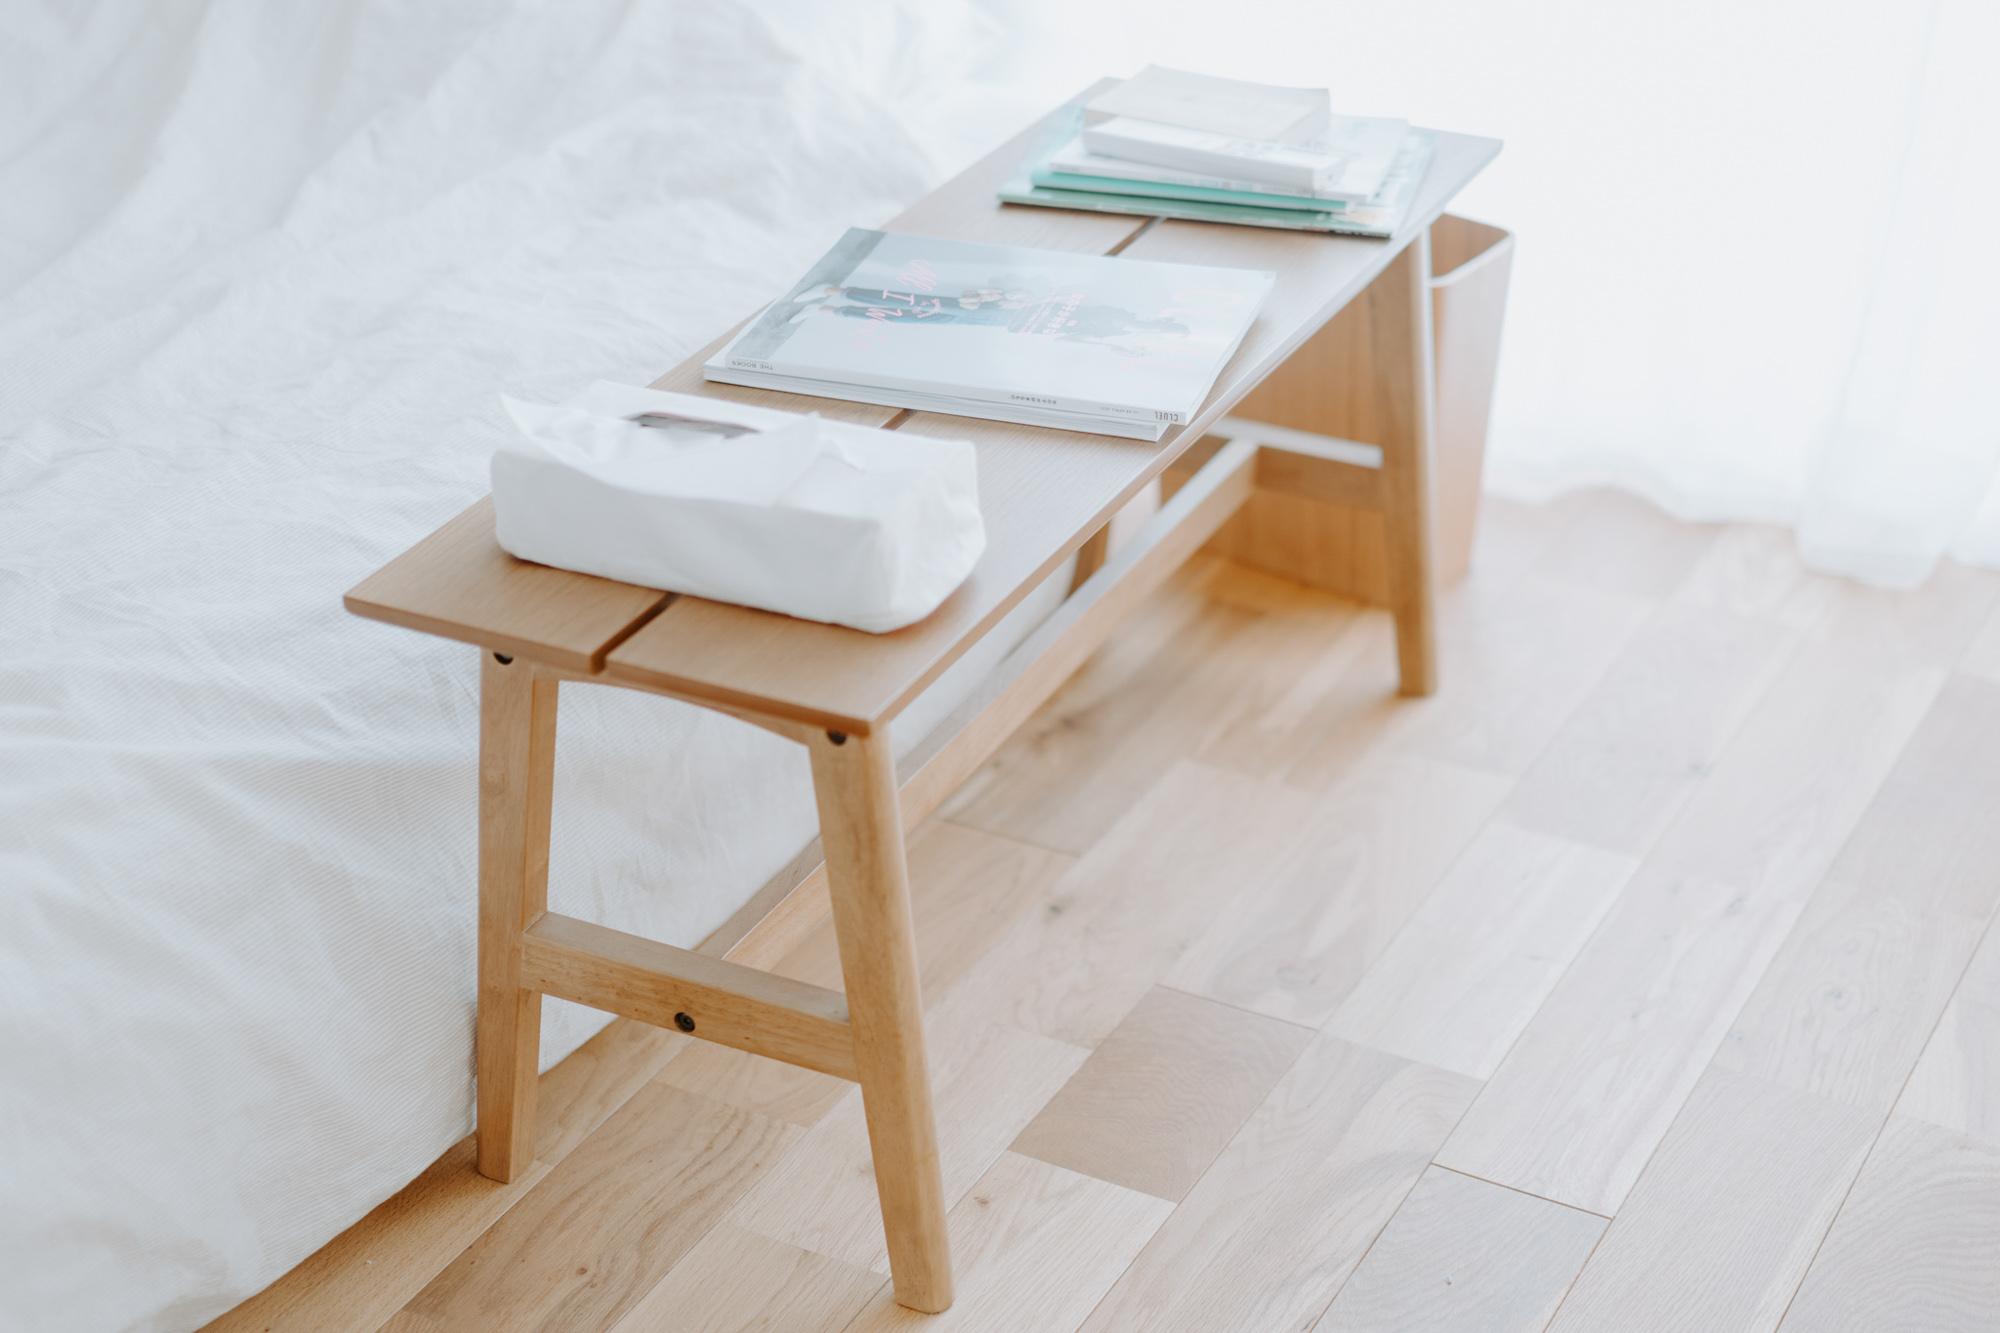 ベッド横に置かれたベンチは、かなでもの(https://kanademono.design/)のオーク材のもの。床と同じ色味のものを選ばれています。「家具と床の色とを合わせると、コーディネートしやすいですね」